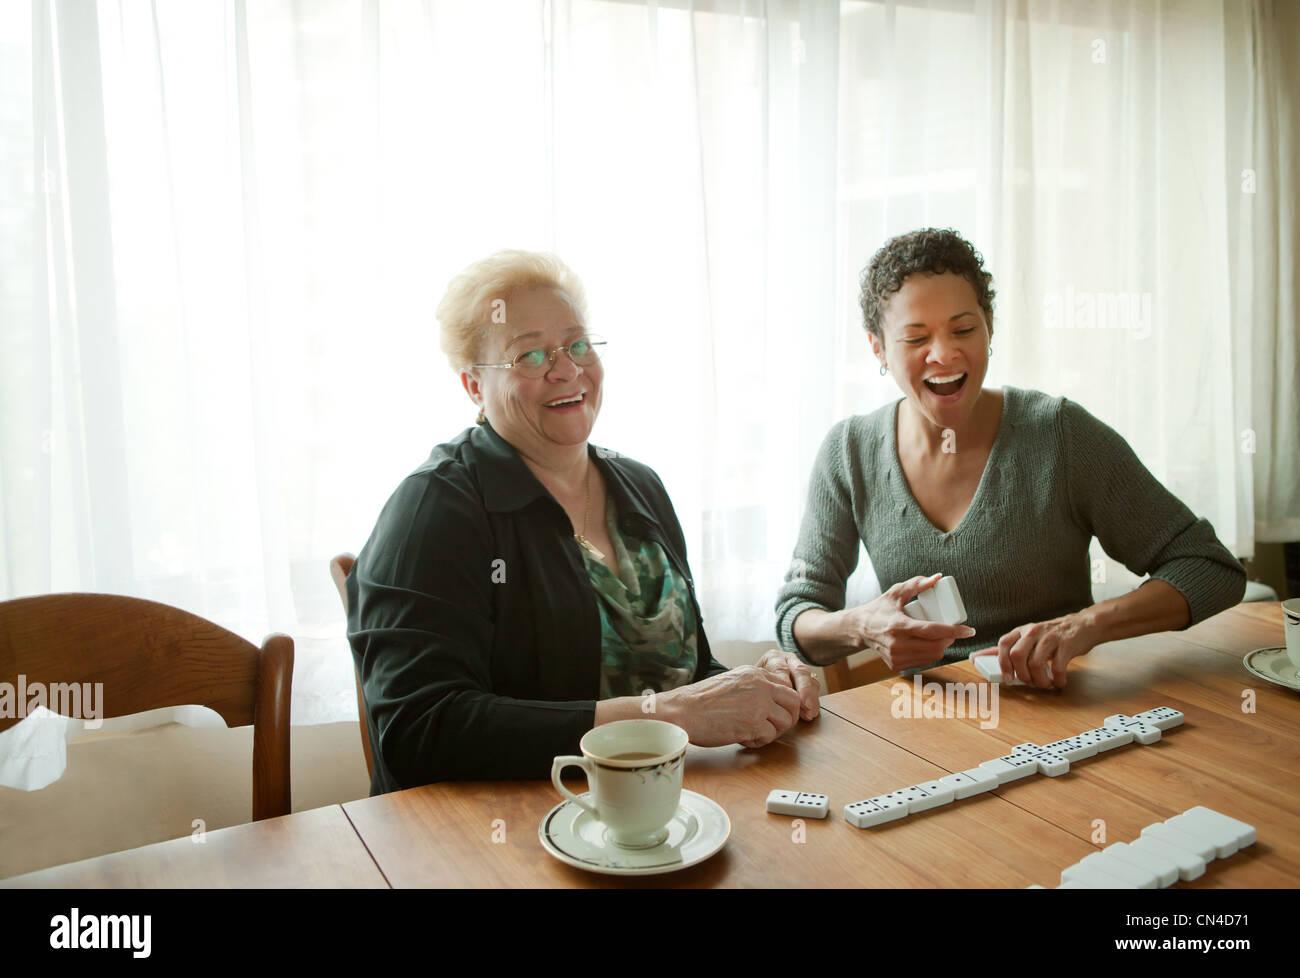 Mère et fille adultes jouant aux dominos Photo Stock